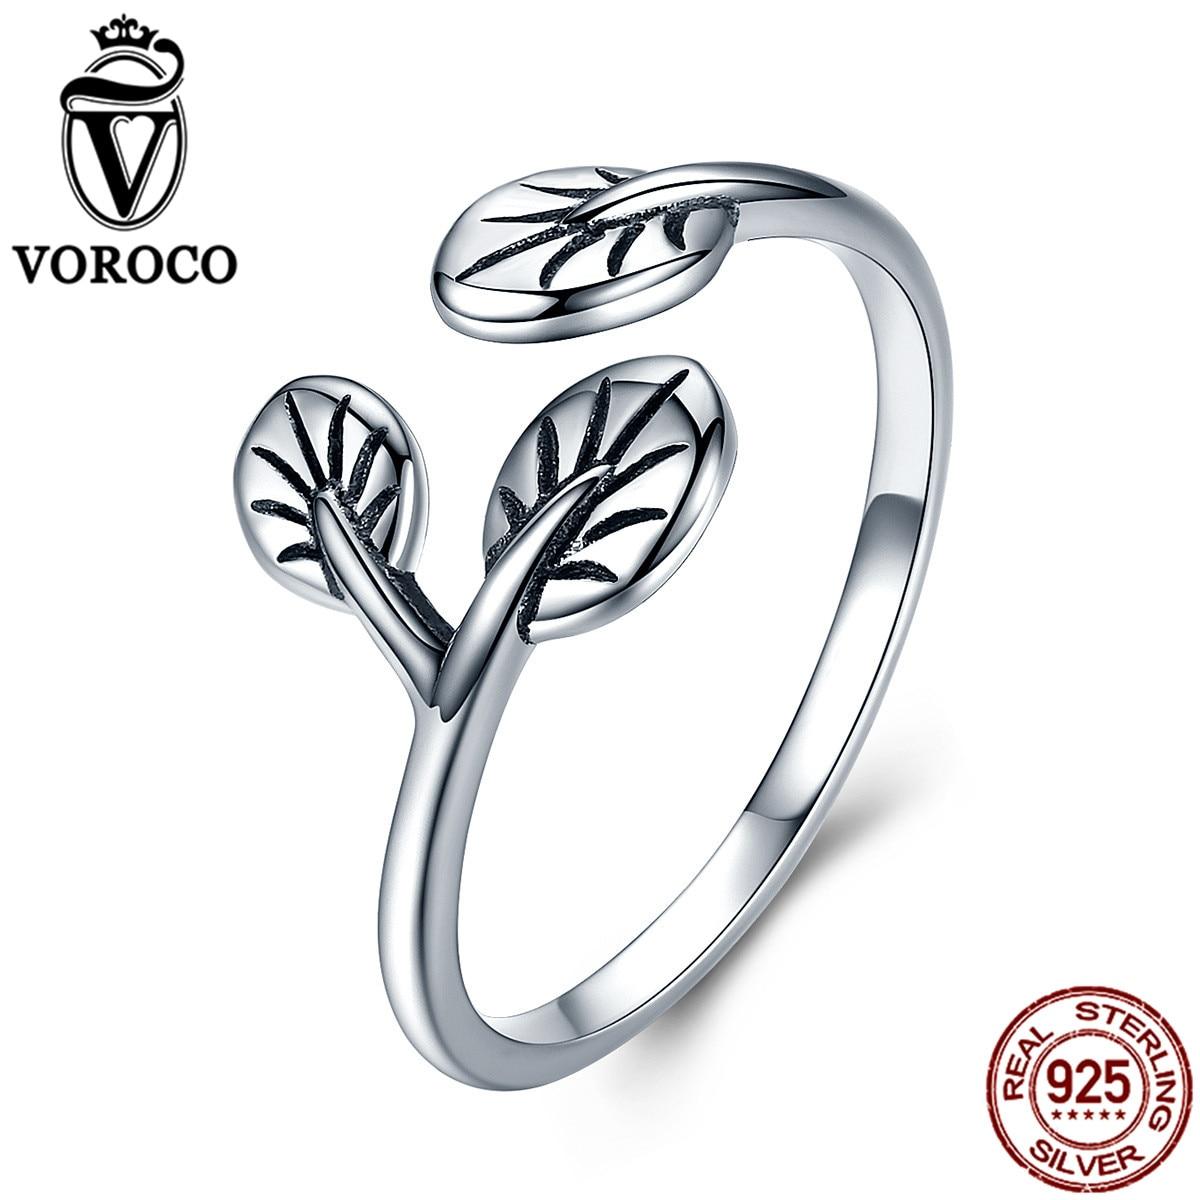 Voroco الصرفة 100٪ 925 الفضة الاسترليني - مجوهرات راقية